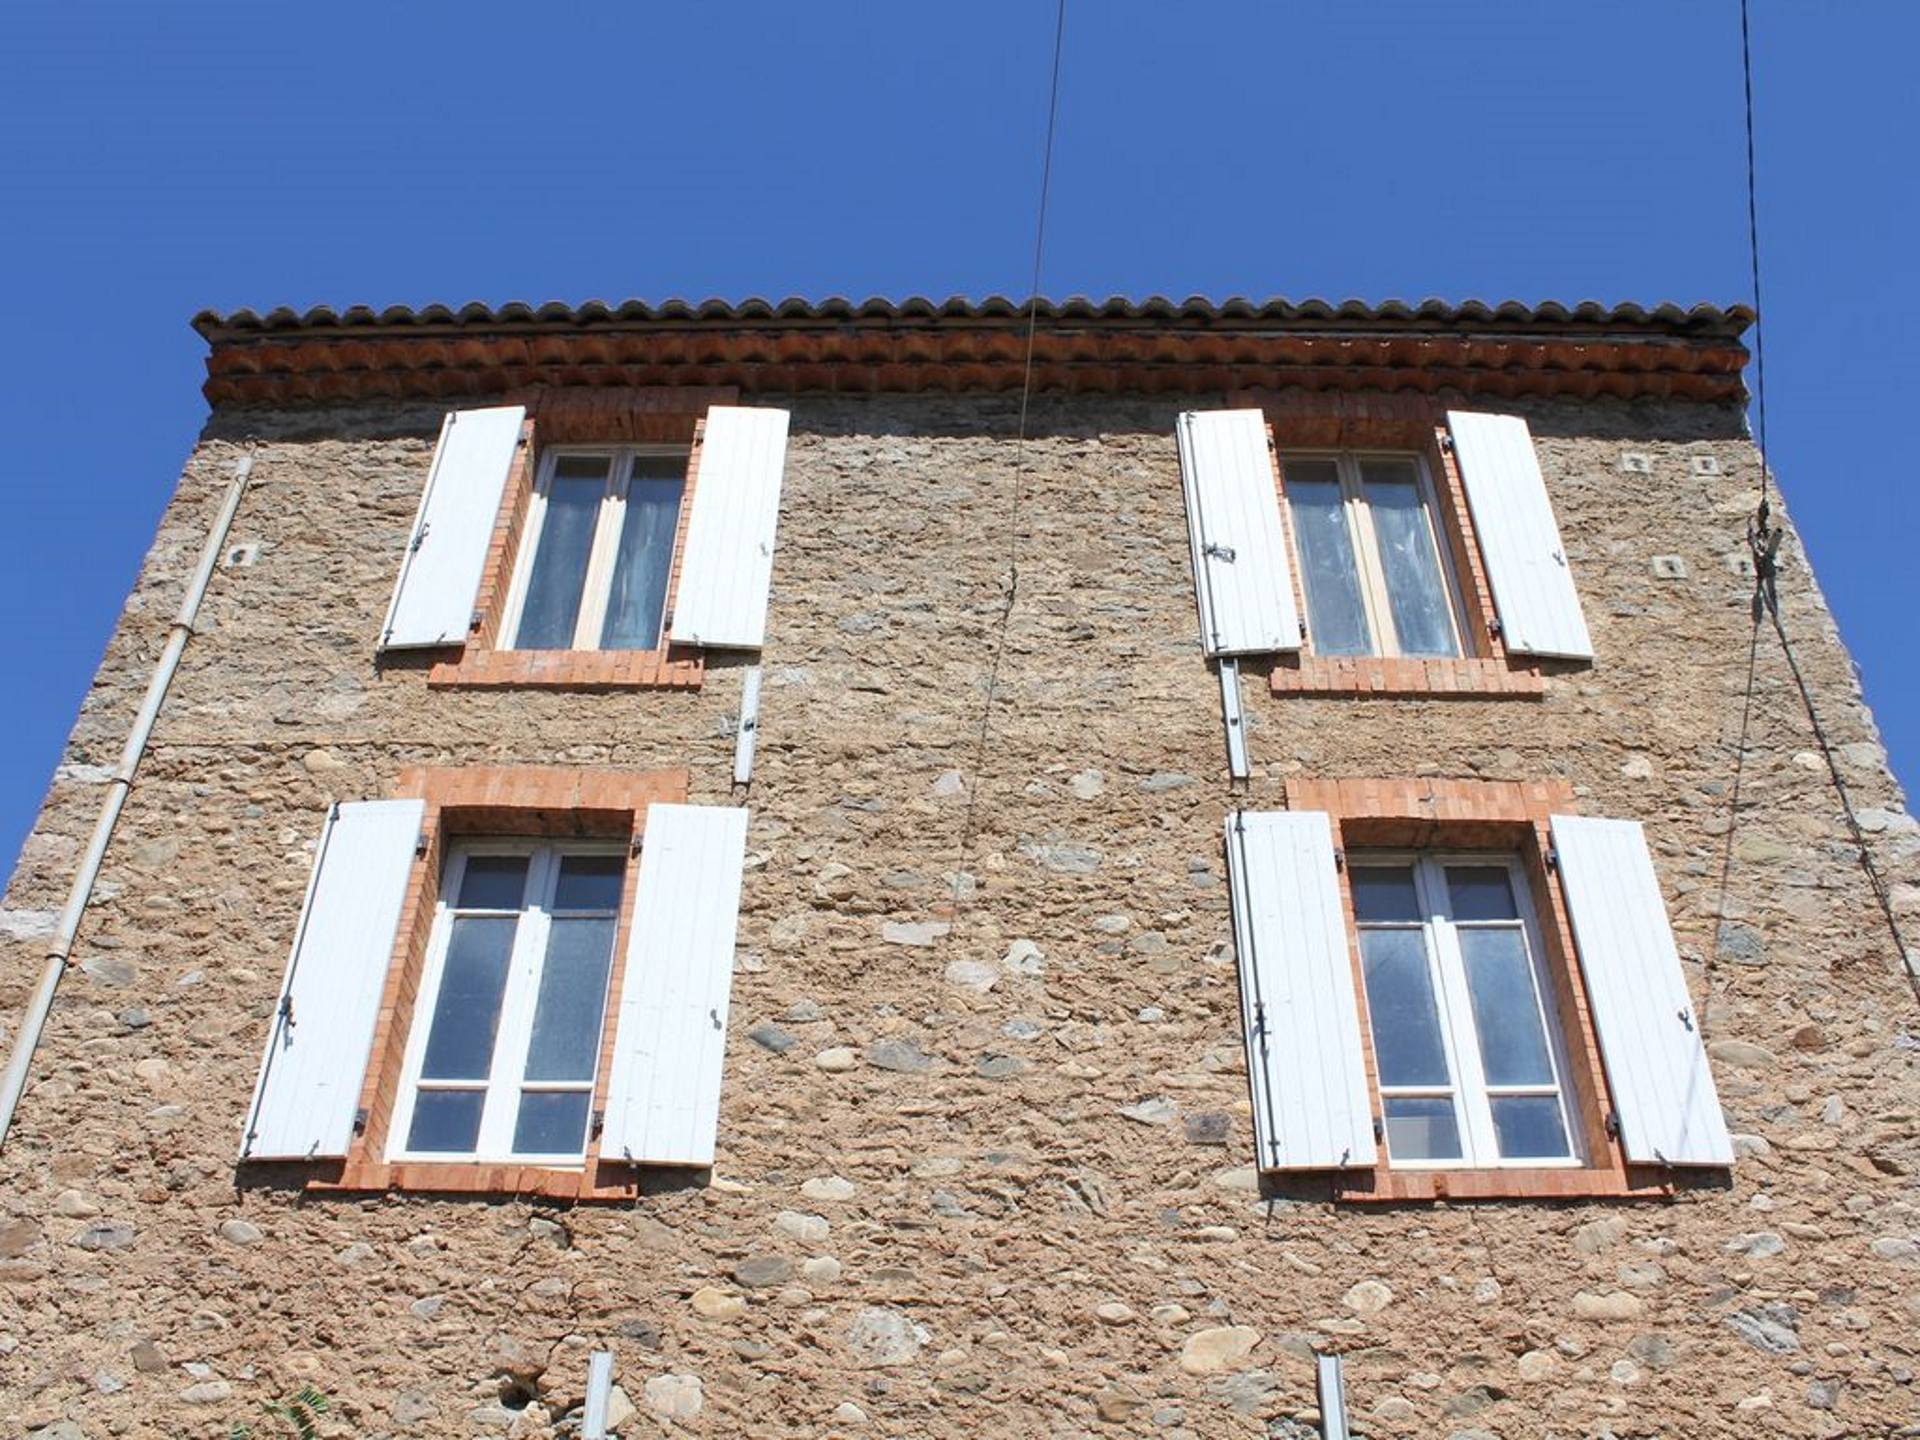 South facing façade